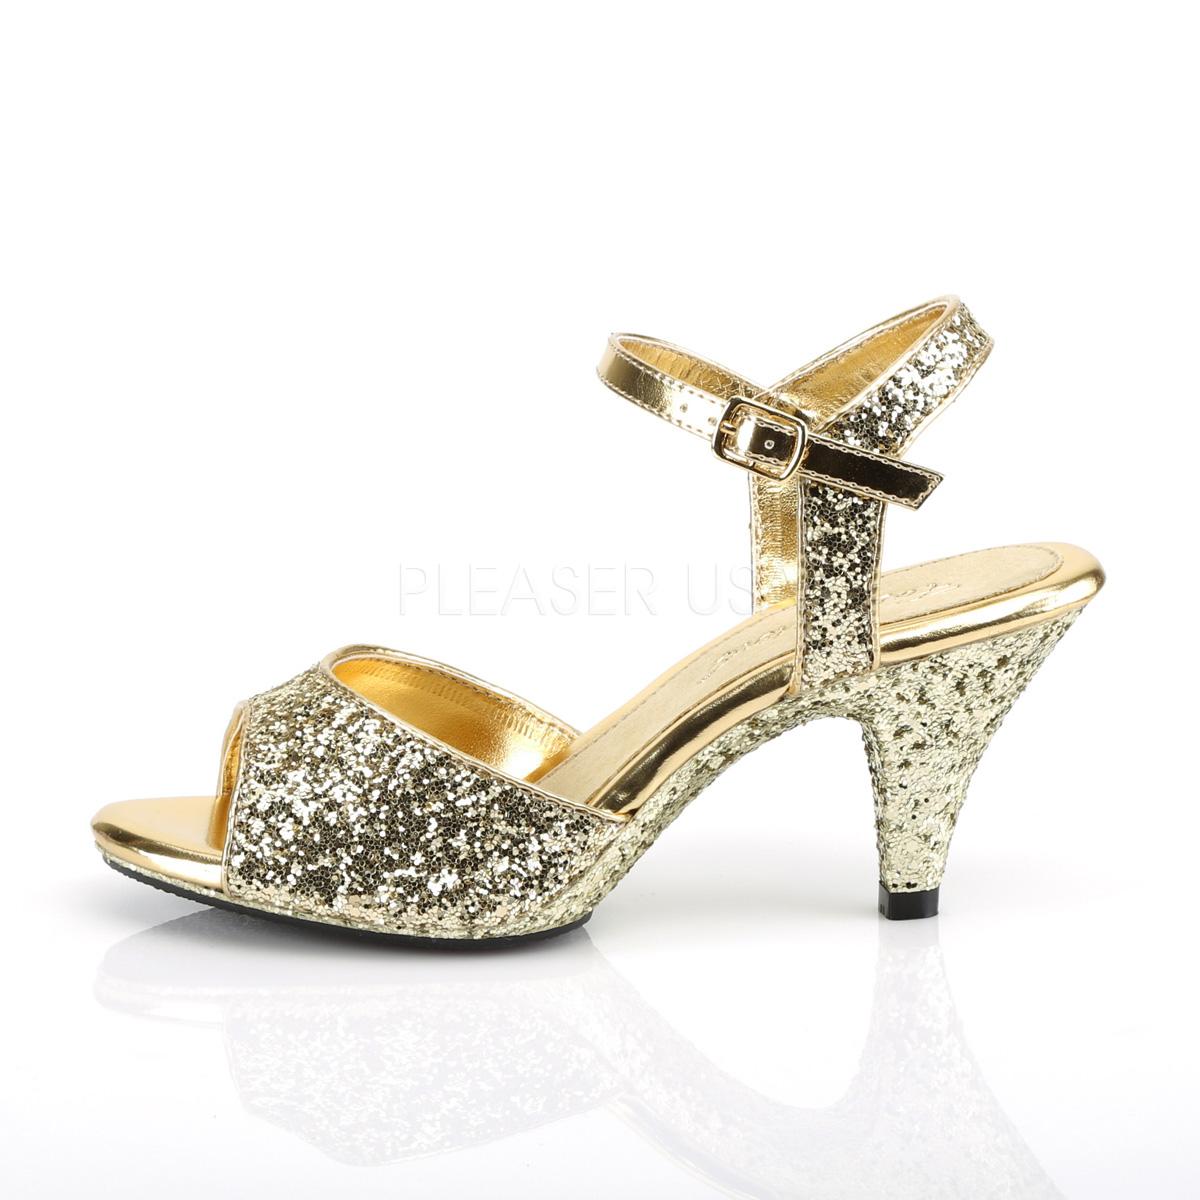 Oro De Belle Fabulicious Tacón Cm Alto 8 Sandalias Brillo 309g bfyvgY67